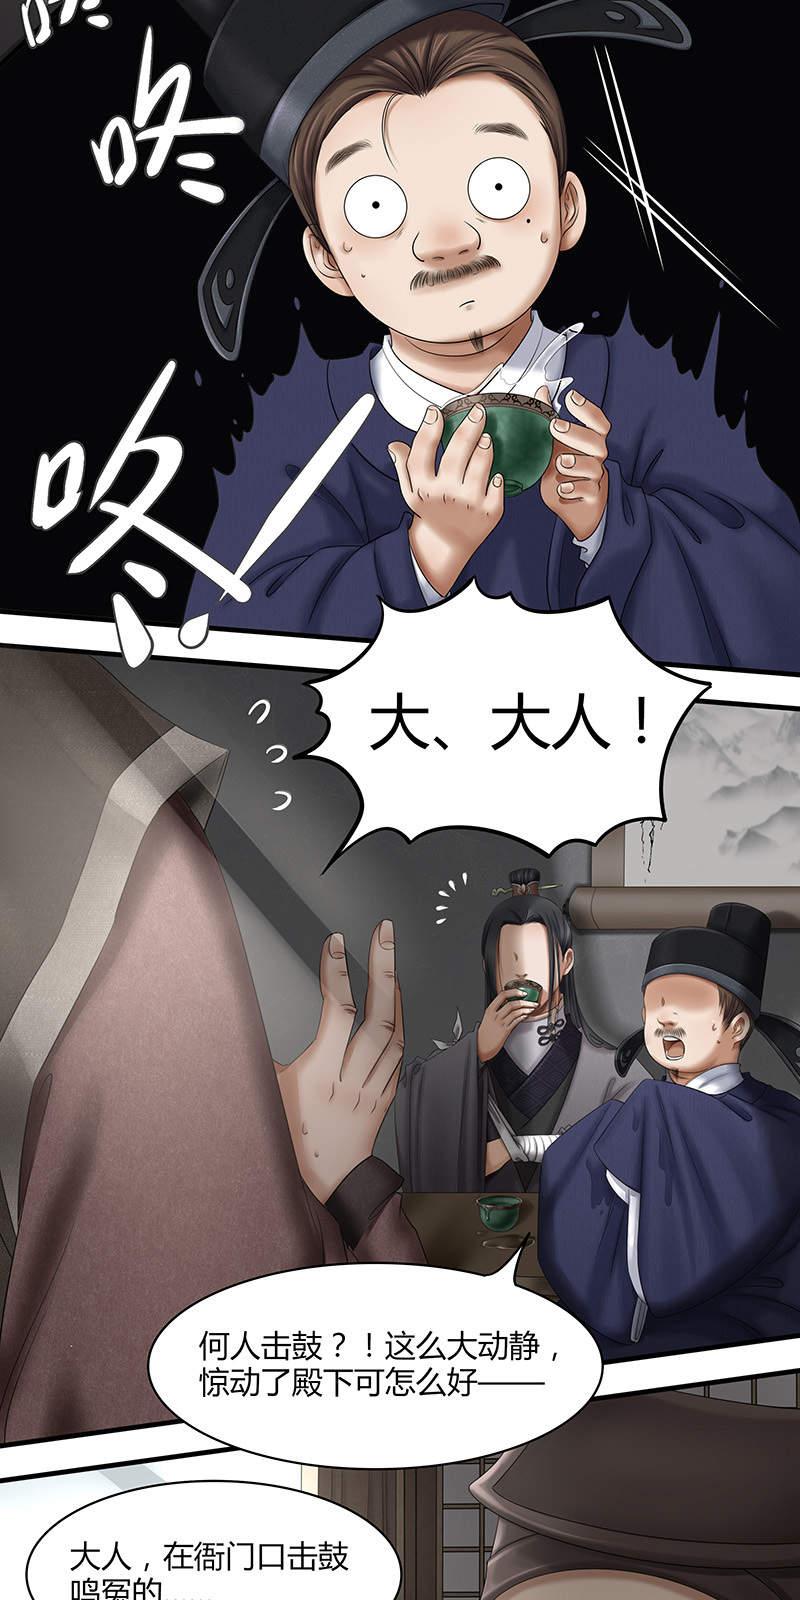 画骨女仵作第33话  鸣冤 第 3